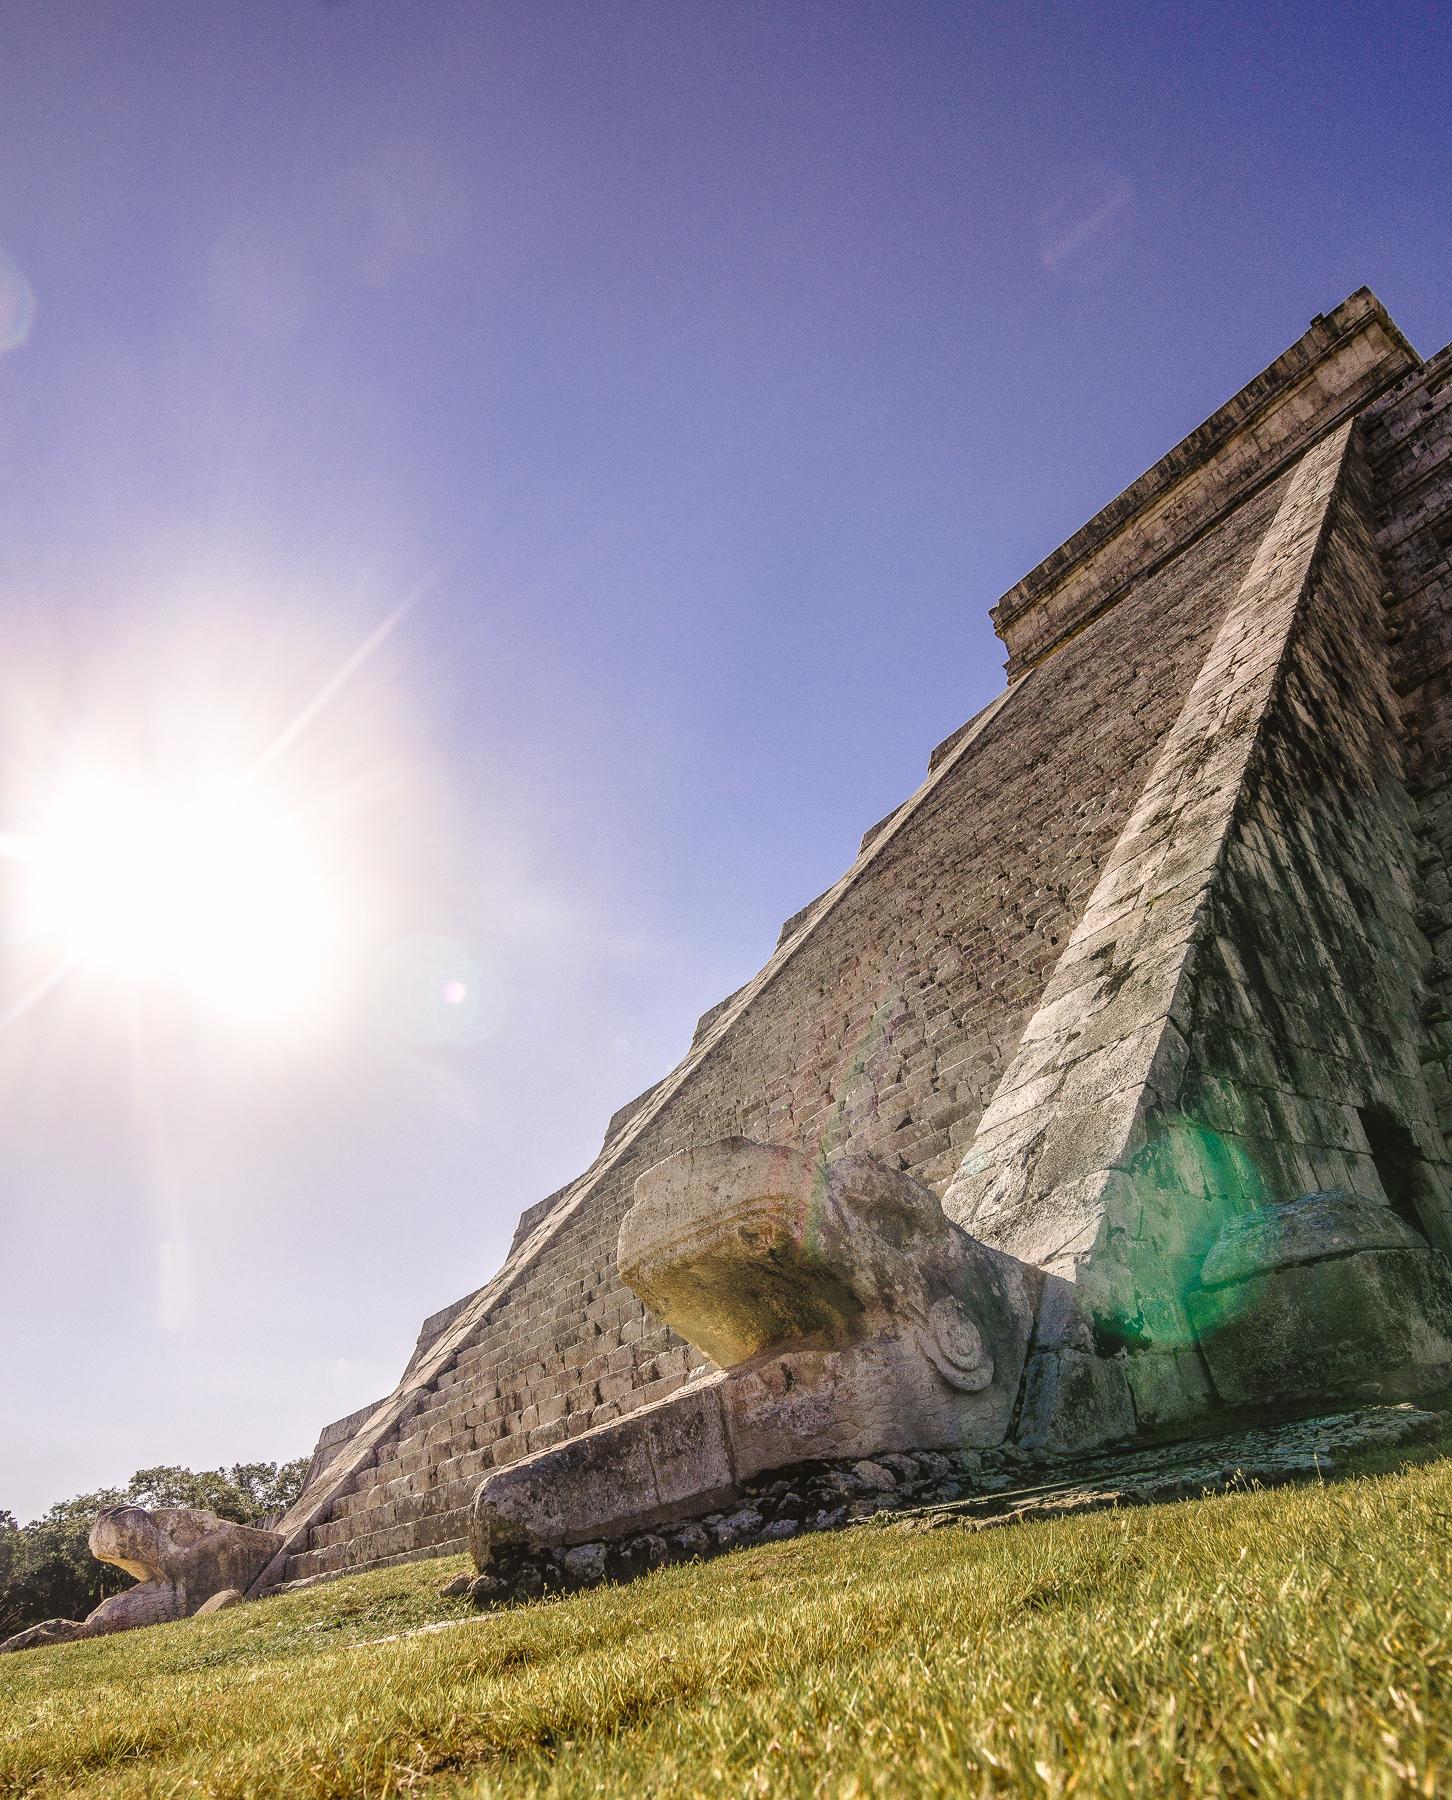 Pirámide el Castillo en Chichén Itzá, Yucatán.